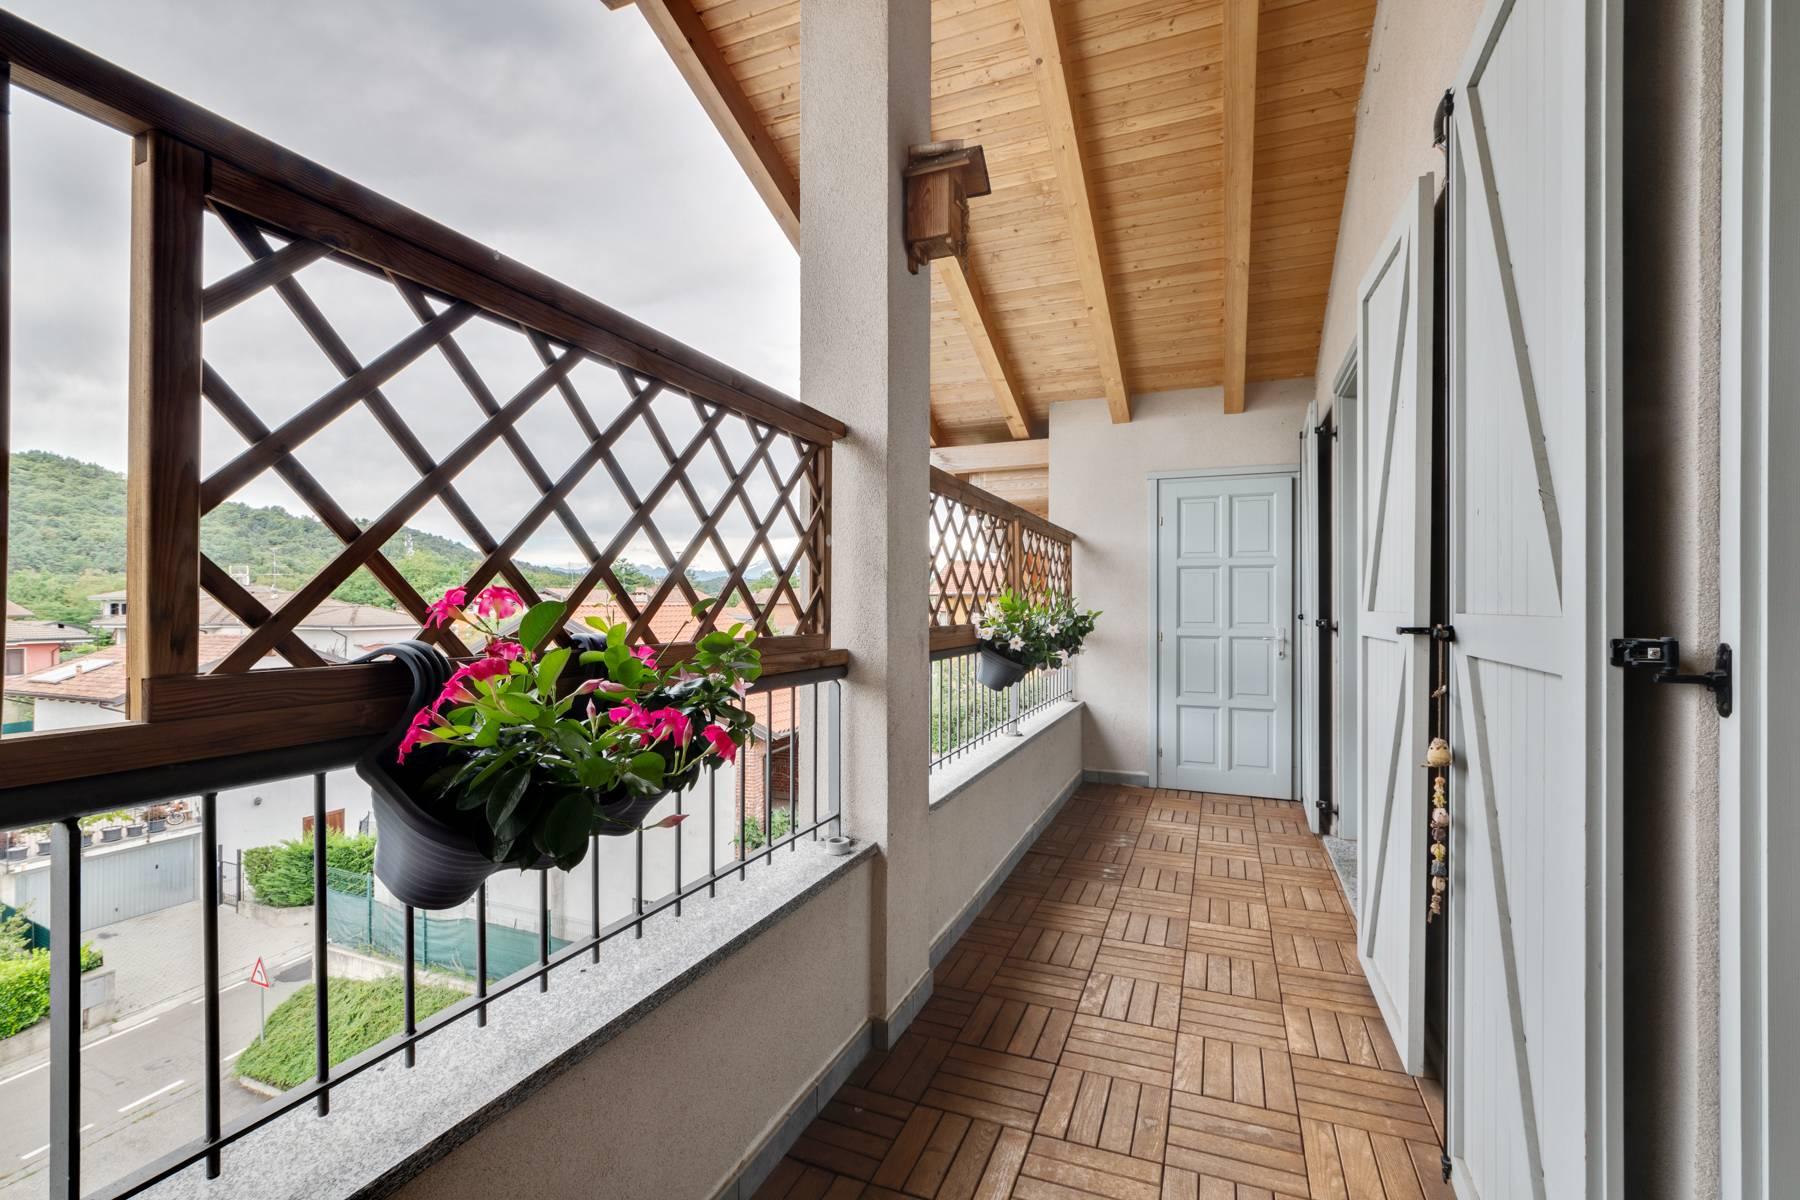 Attico in Vendita a Borgo Ticino: 5 locali, 160 mq - Foto 7